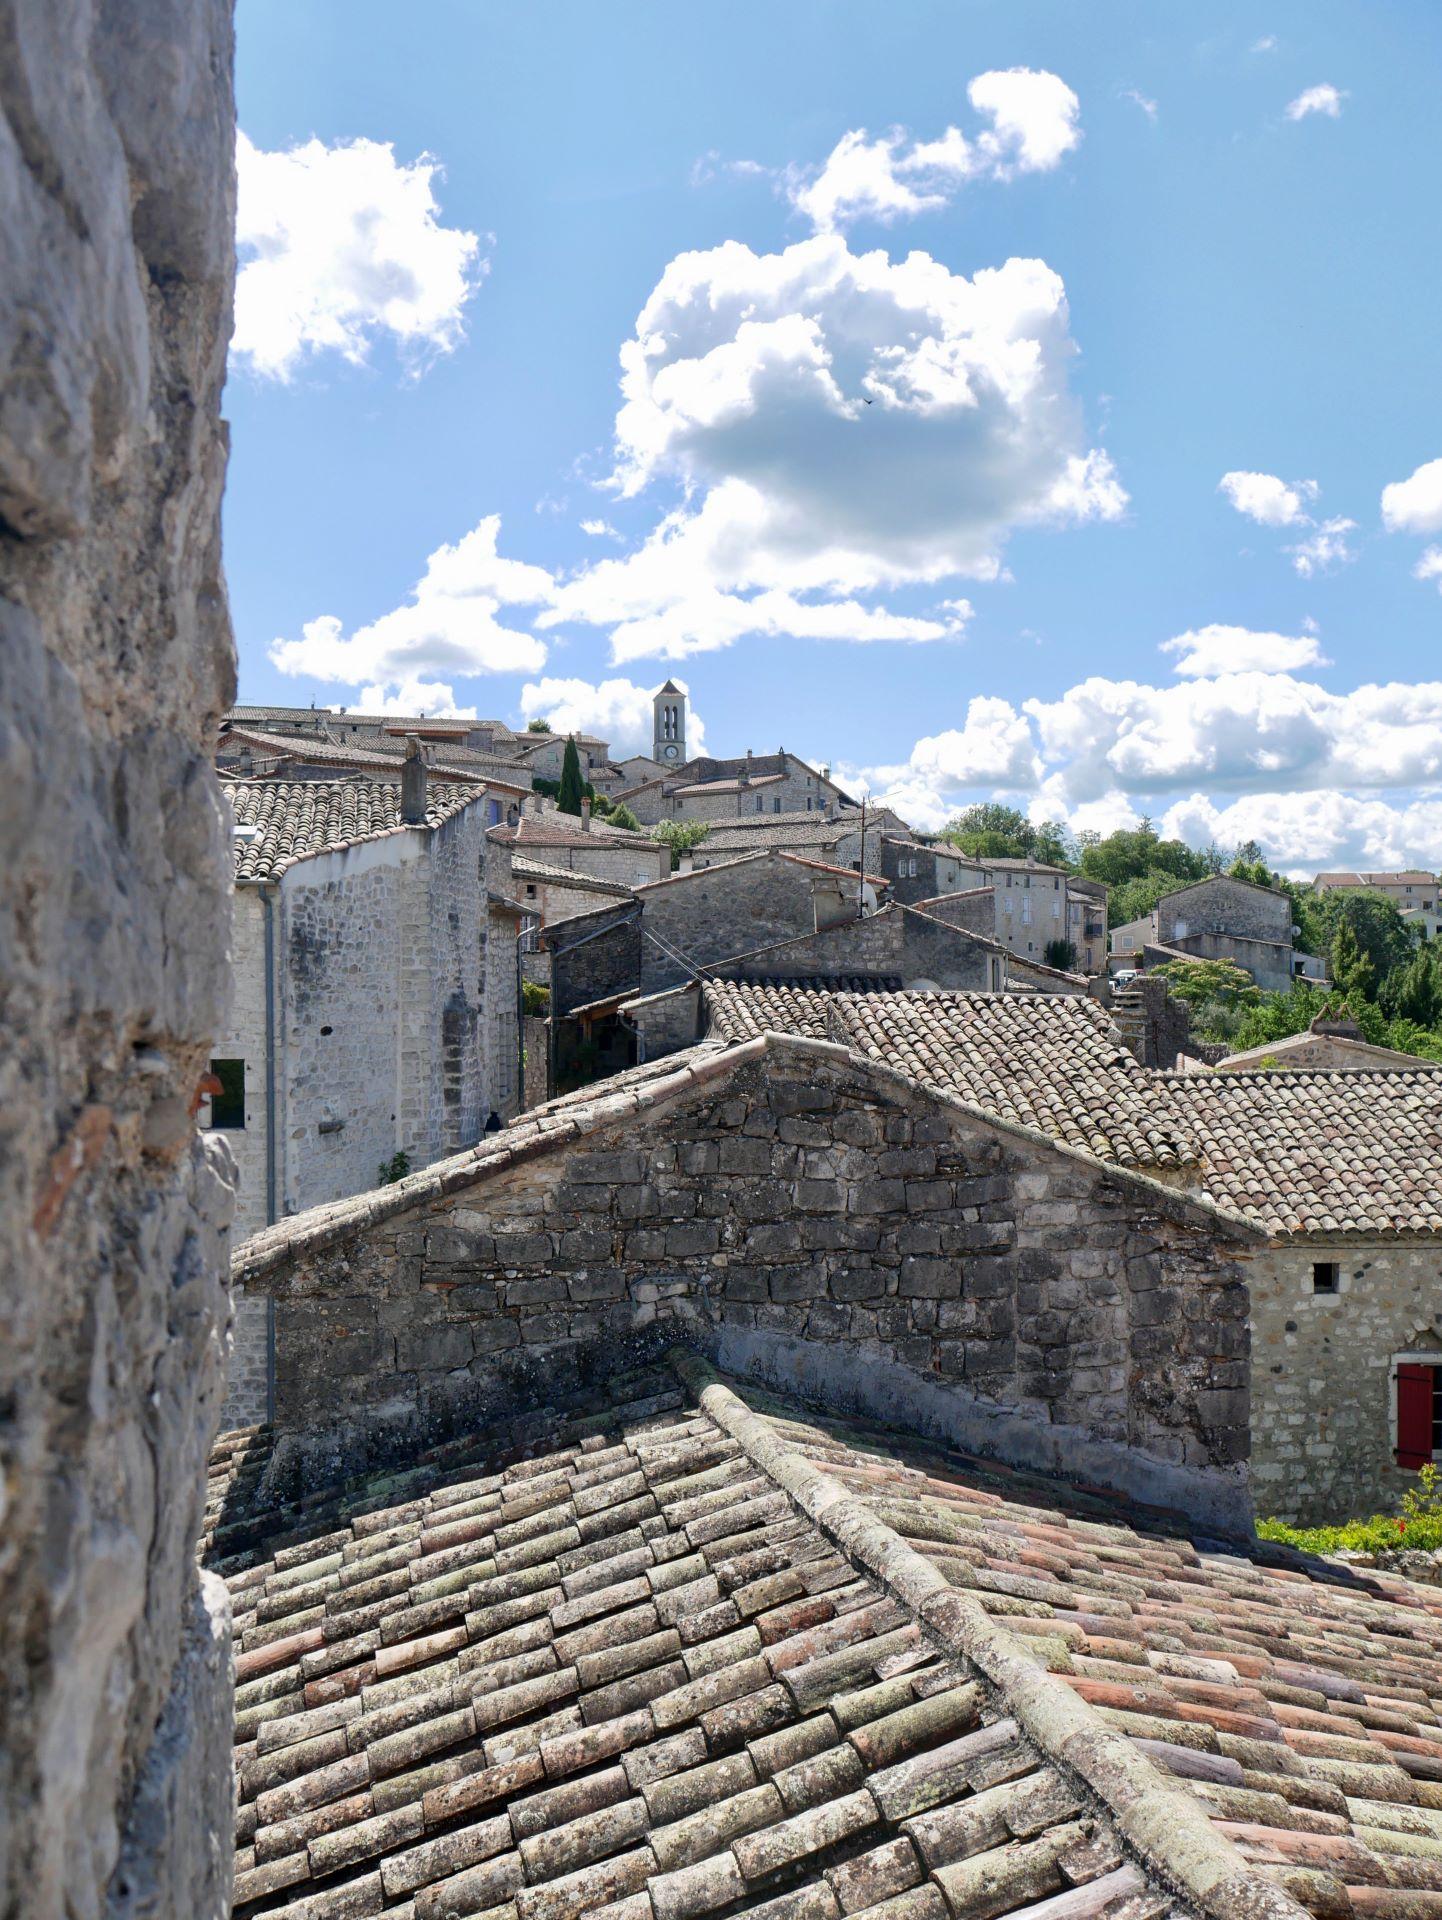 balade en Ardèche : Balazuc, vue sur les toits et l'église Notre-Dame